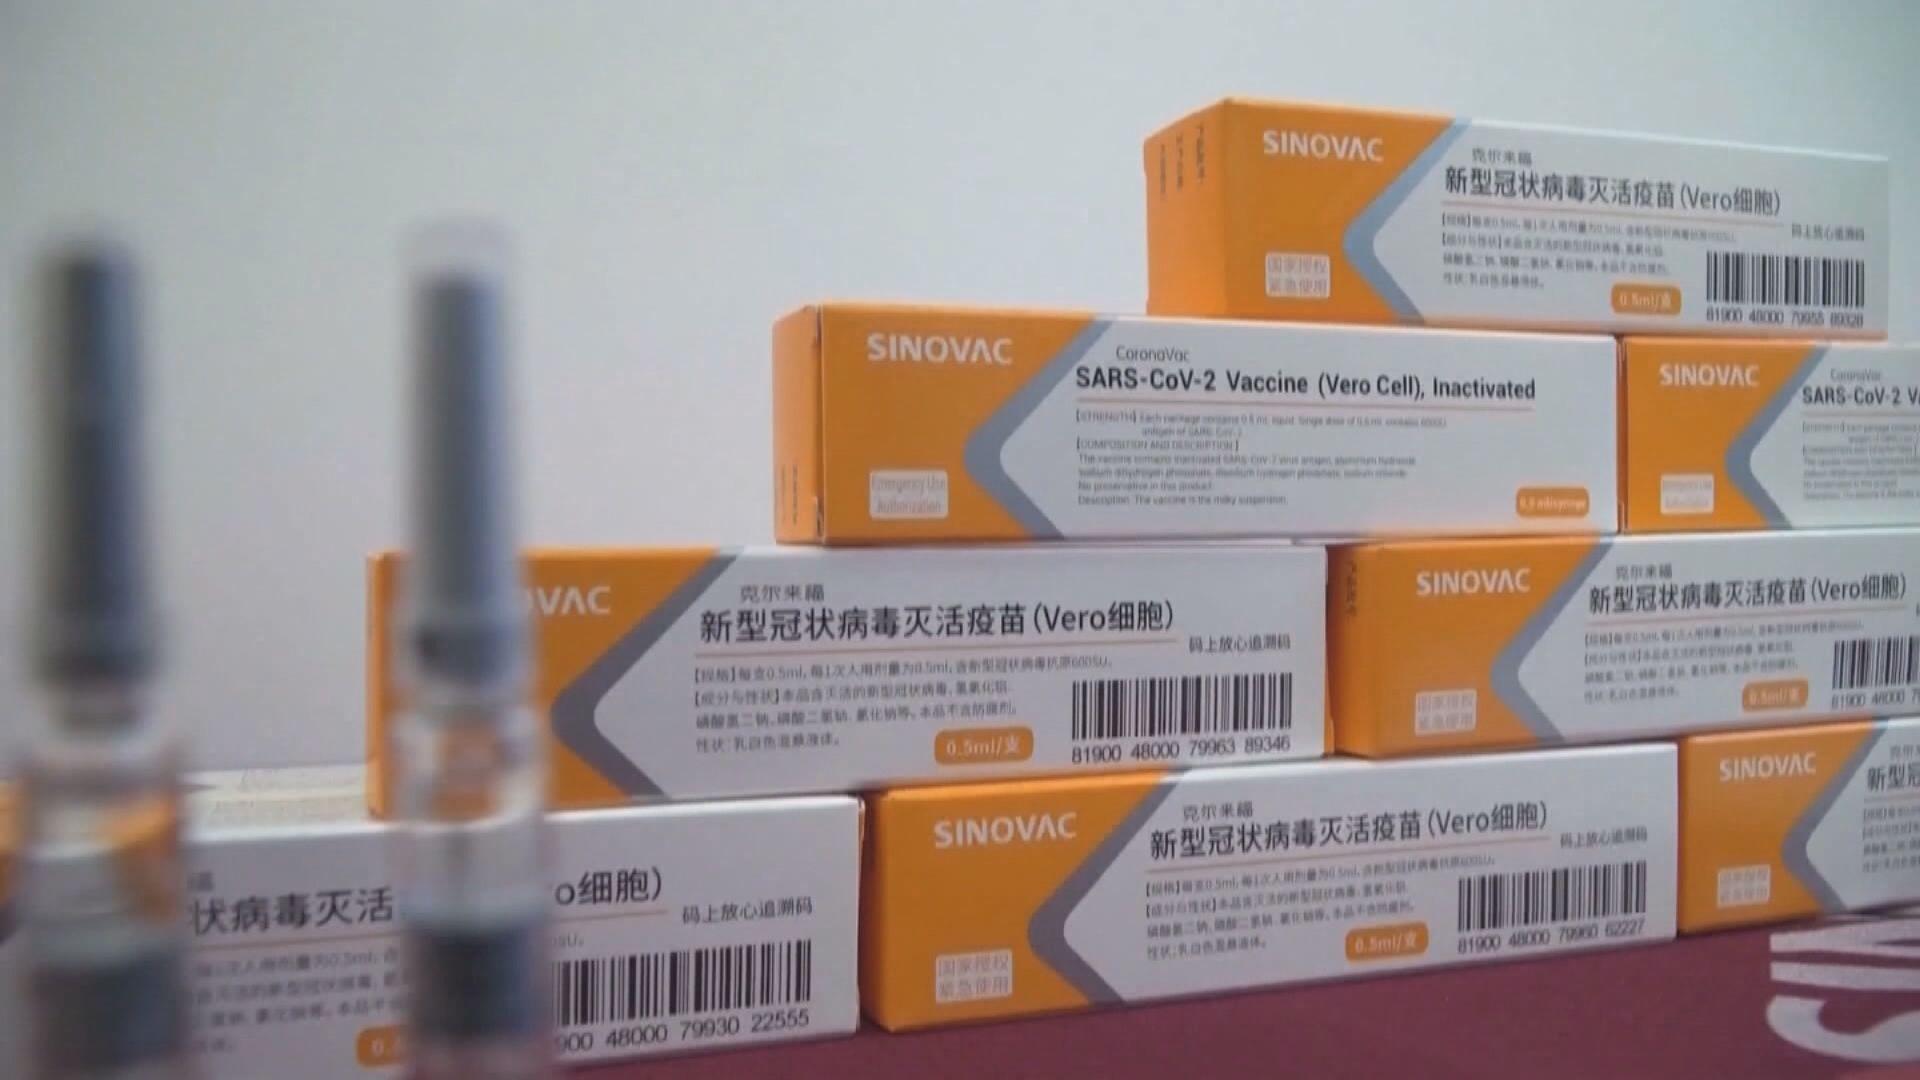 顧問專家委員會一致推薦緊急使用科興新冠疫苗